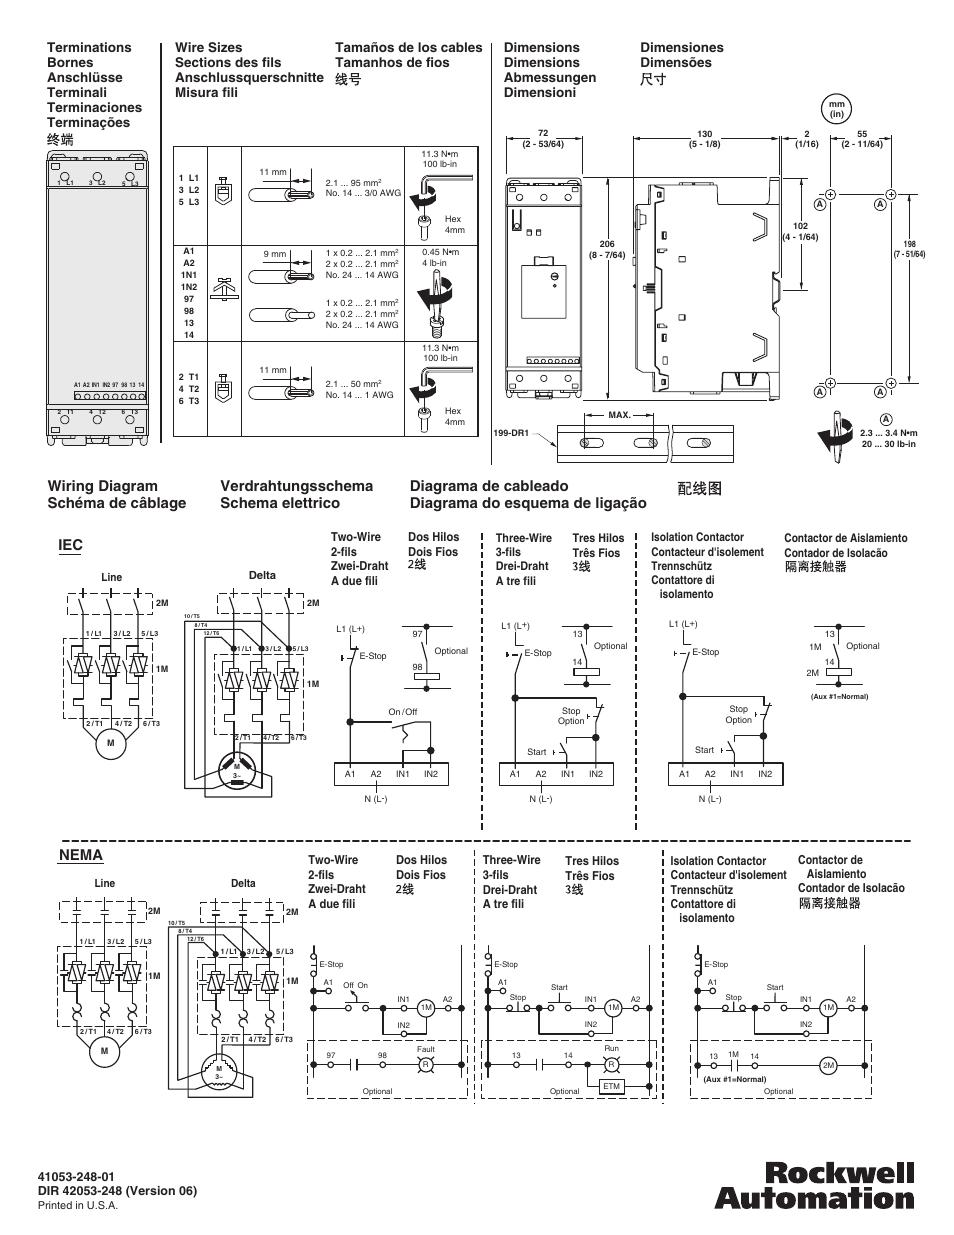 Set motor fla (15), Verdrahtungsschema schema elettrico